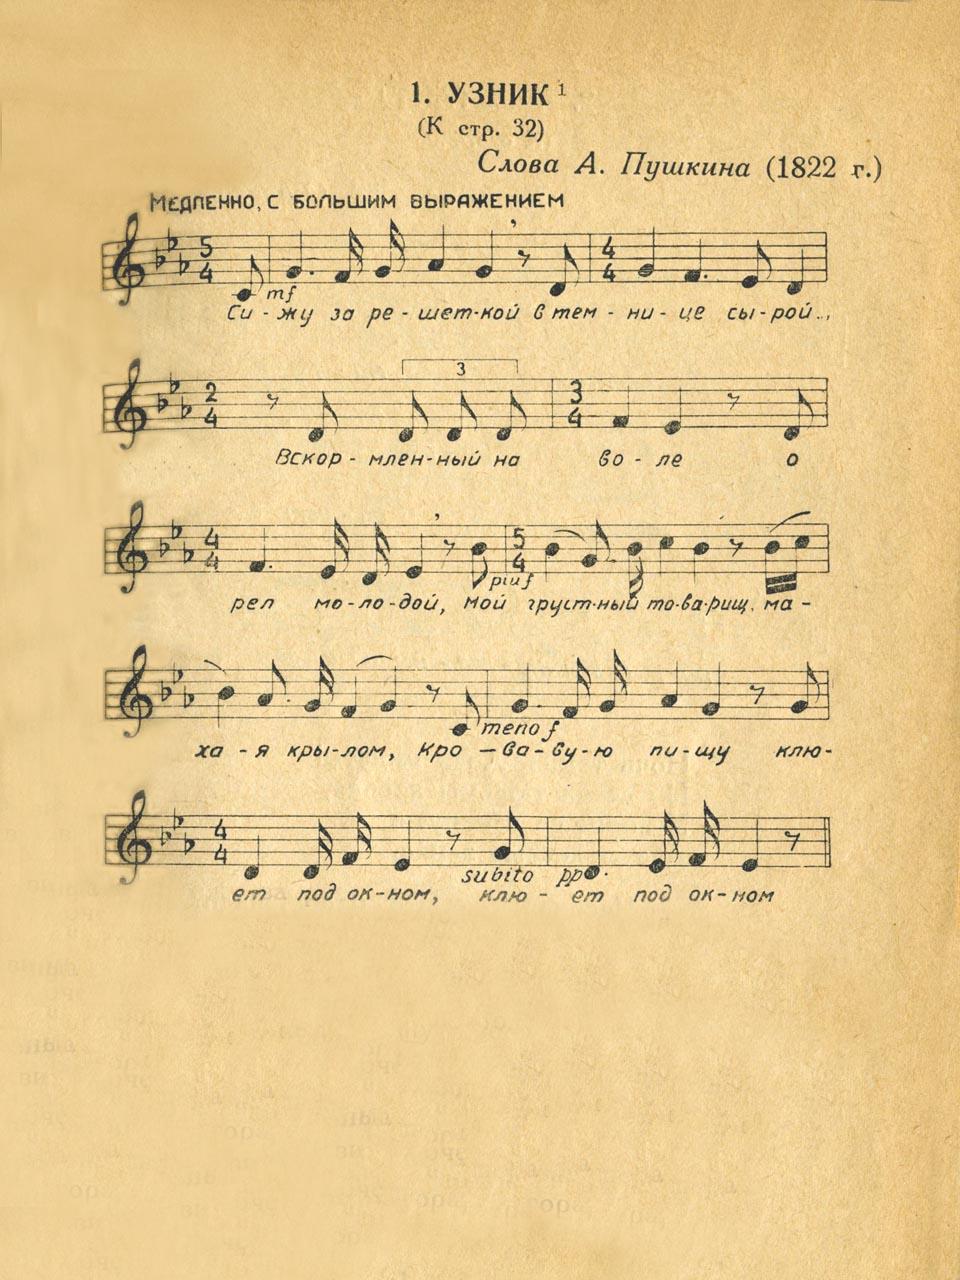 Песня «Узник». Ноты для голоса